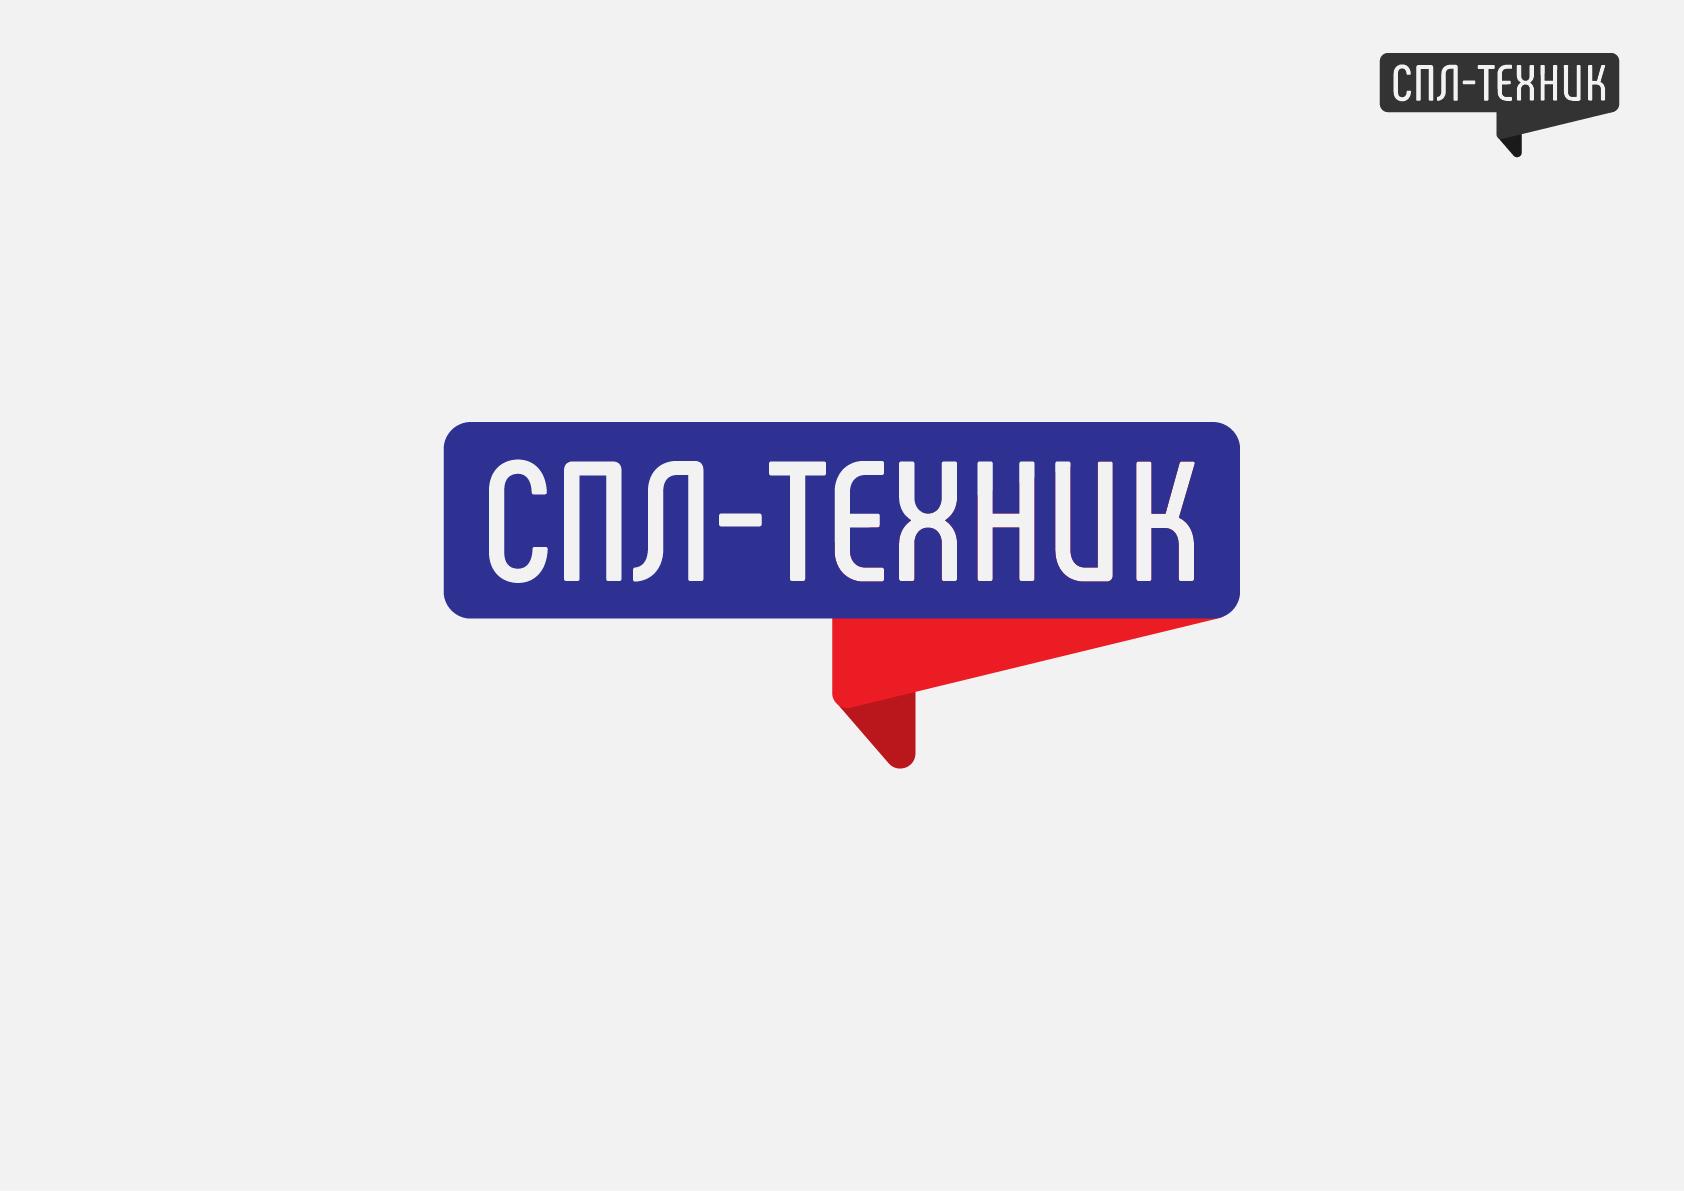 Разработка логотипа и фирменного стиля фото f_36259afb763f4043.jpg